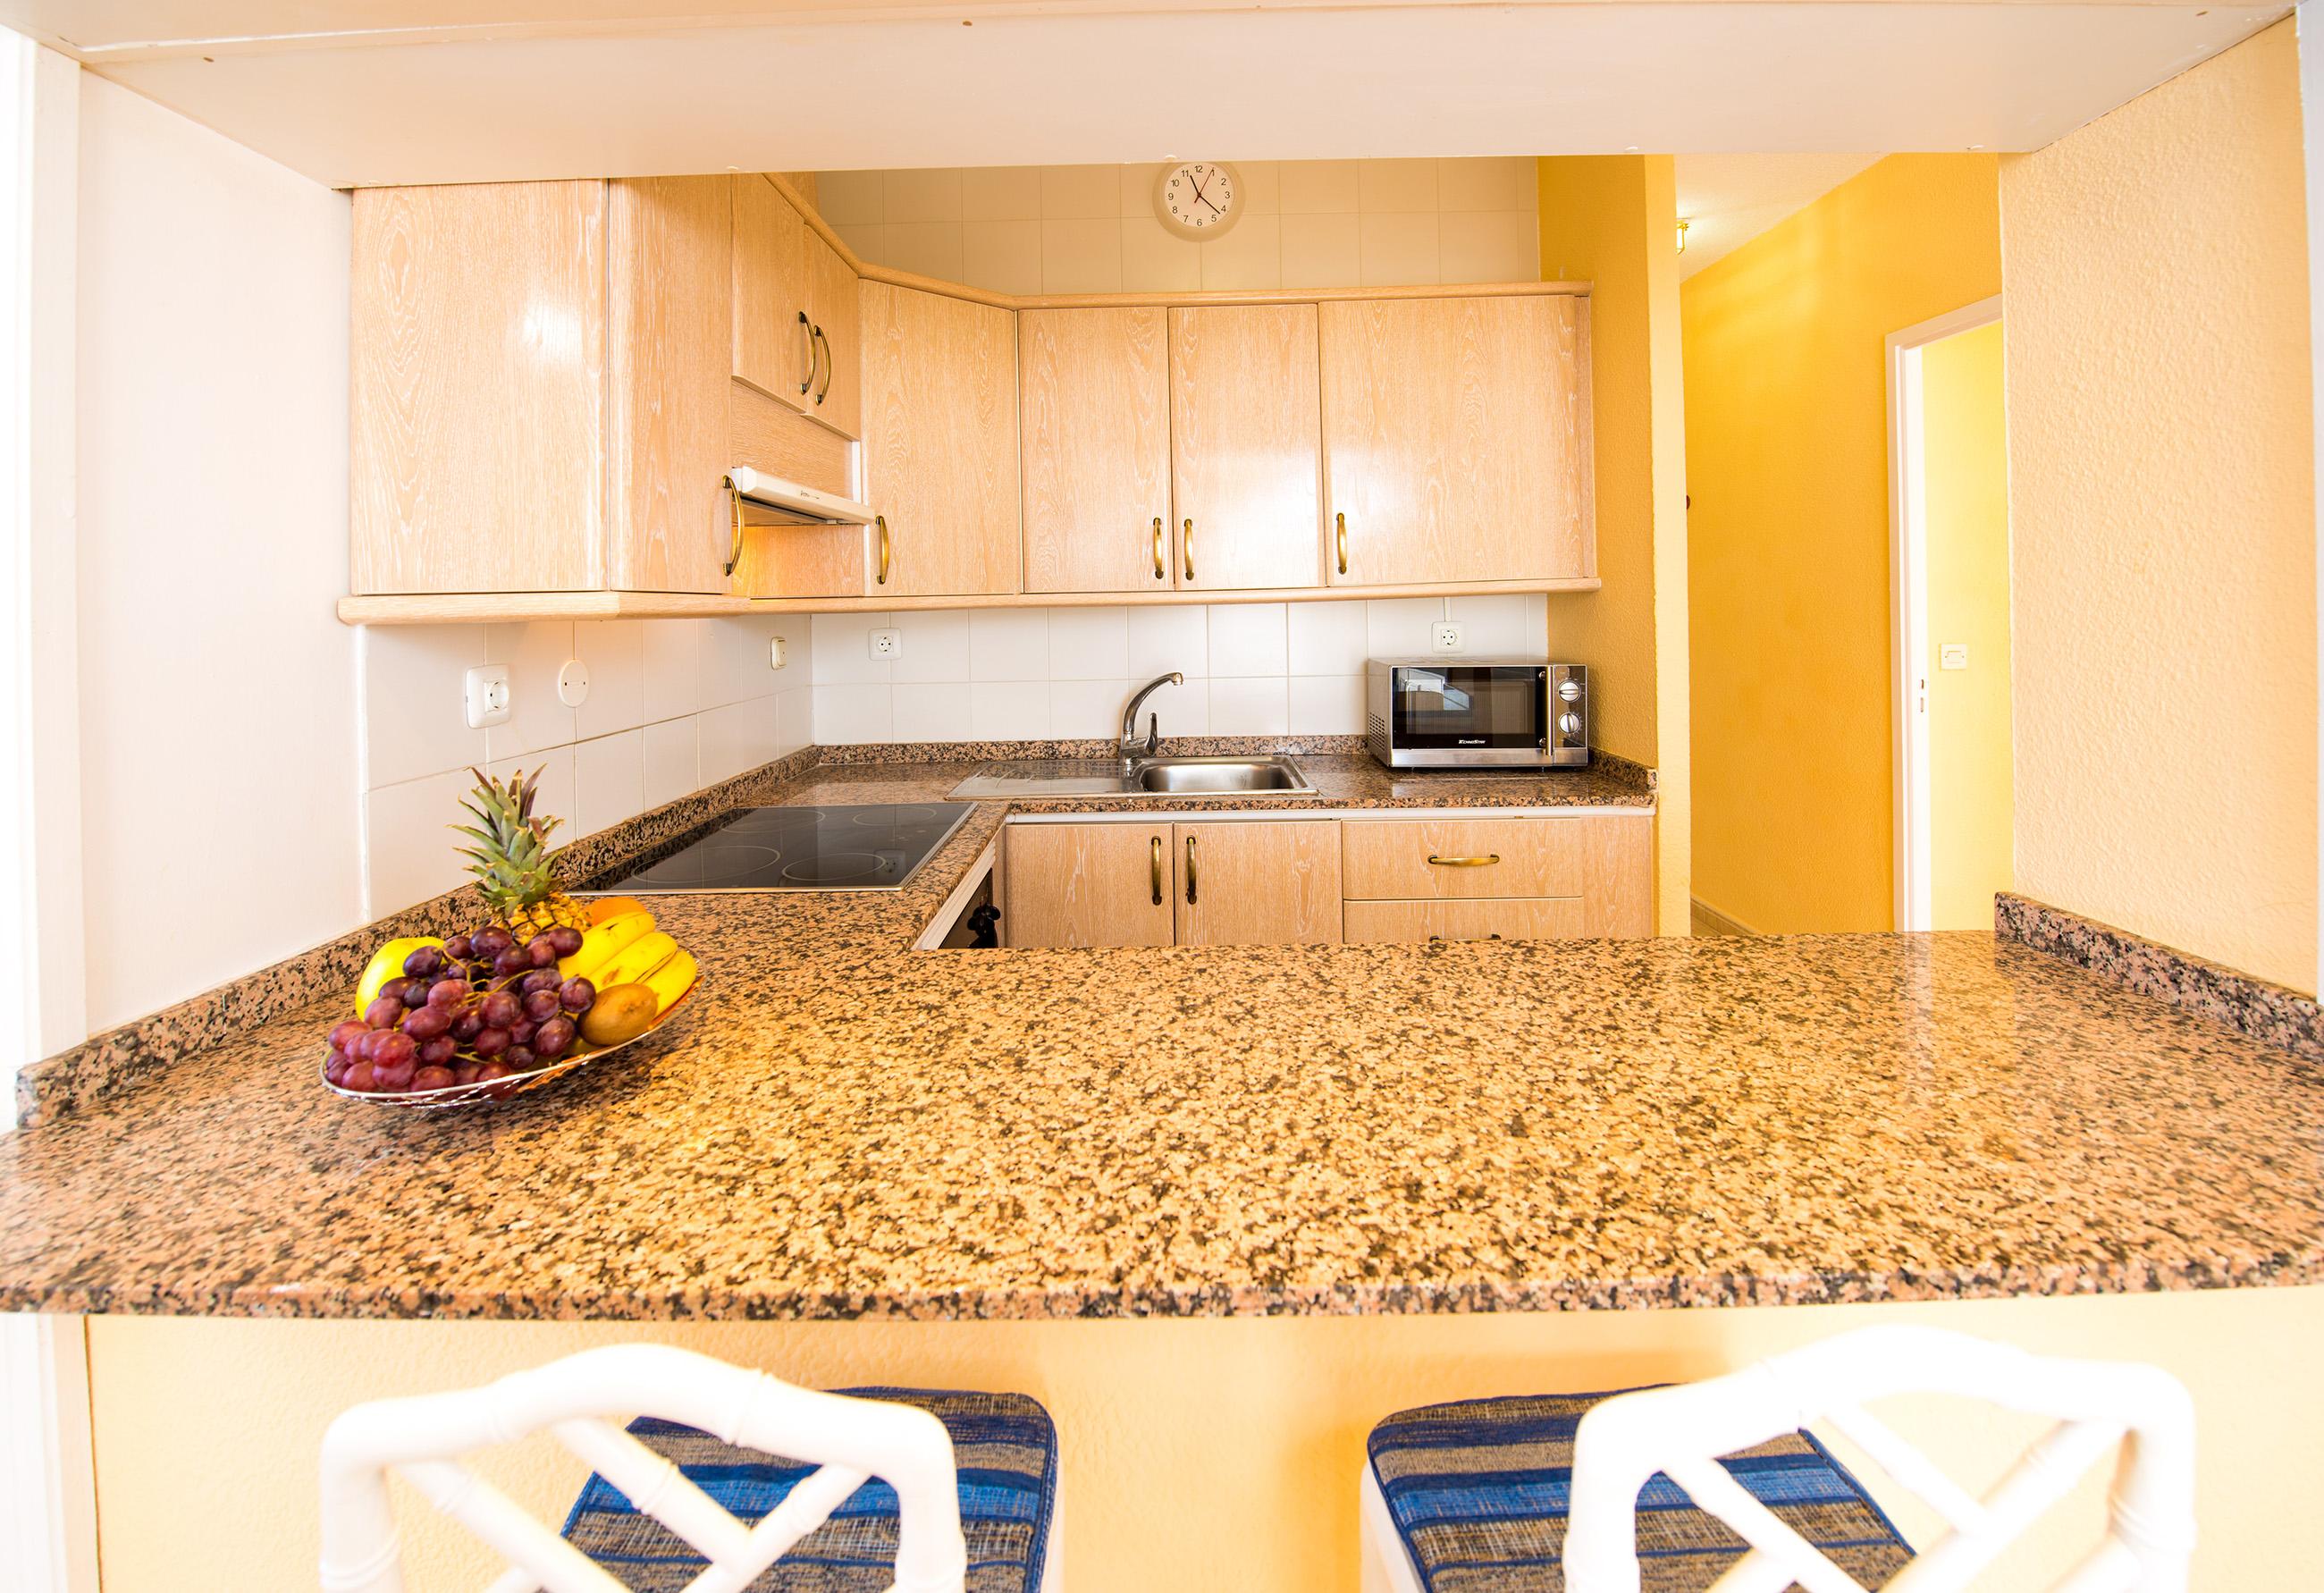 Sueño Azul Kitchen